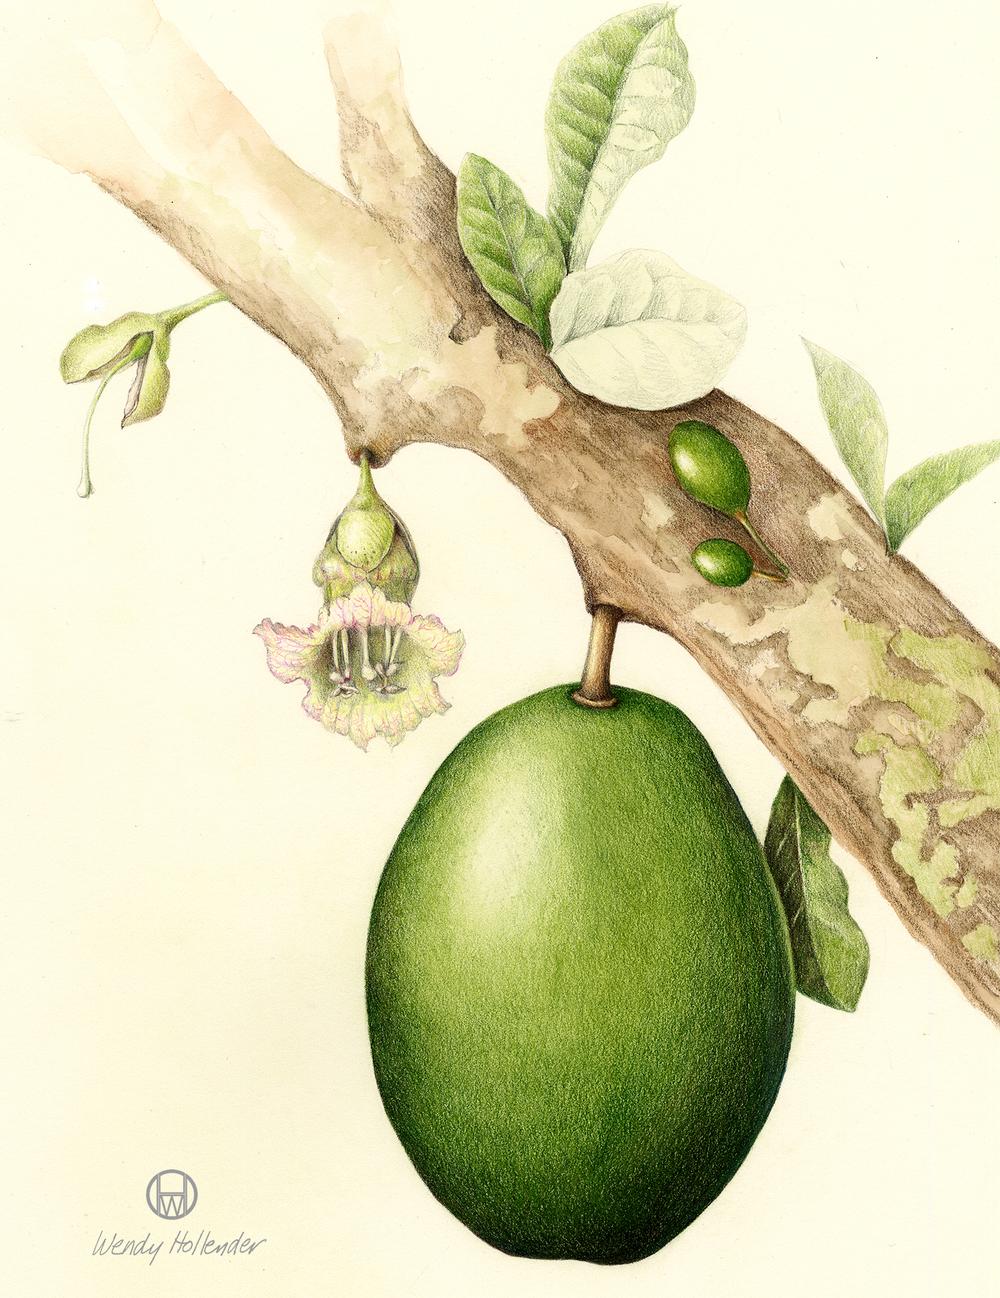 Calabash - Lagenaria siceraria